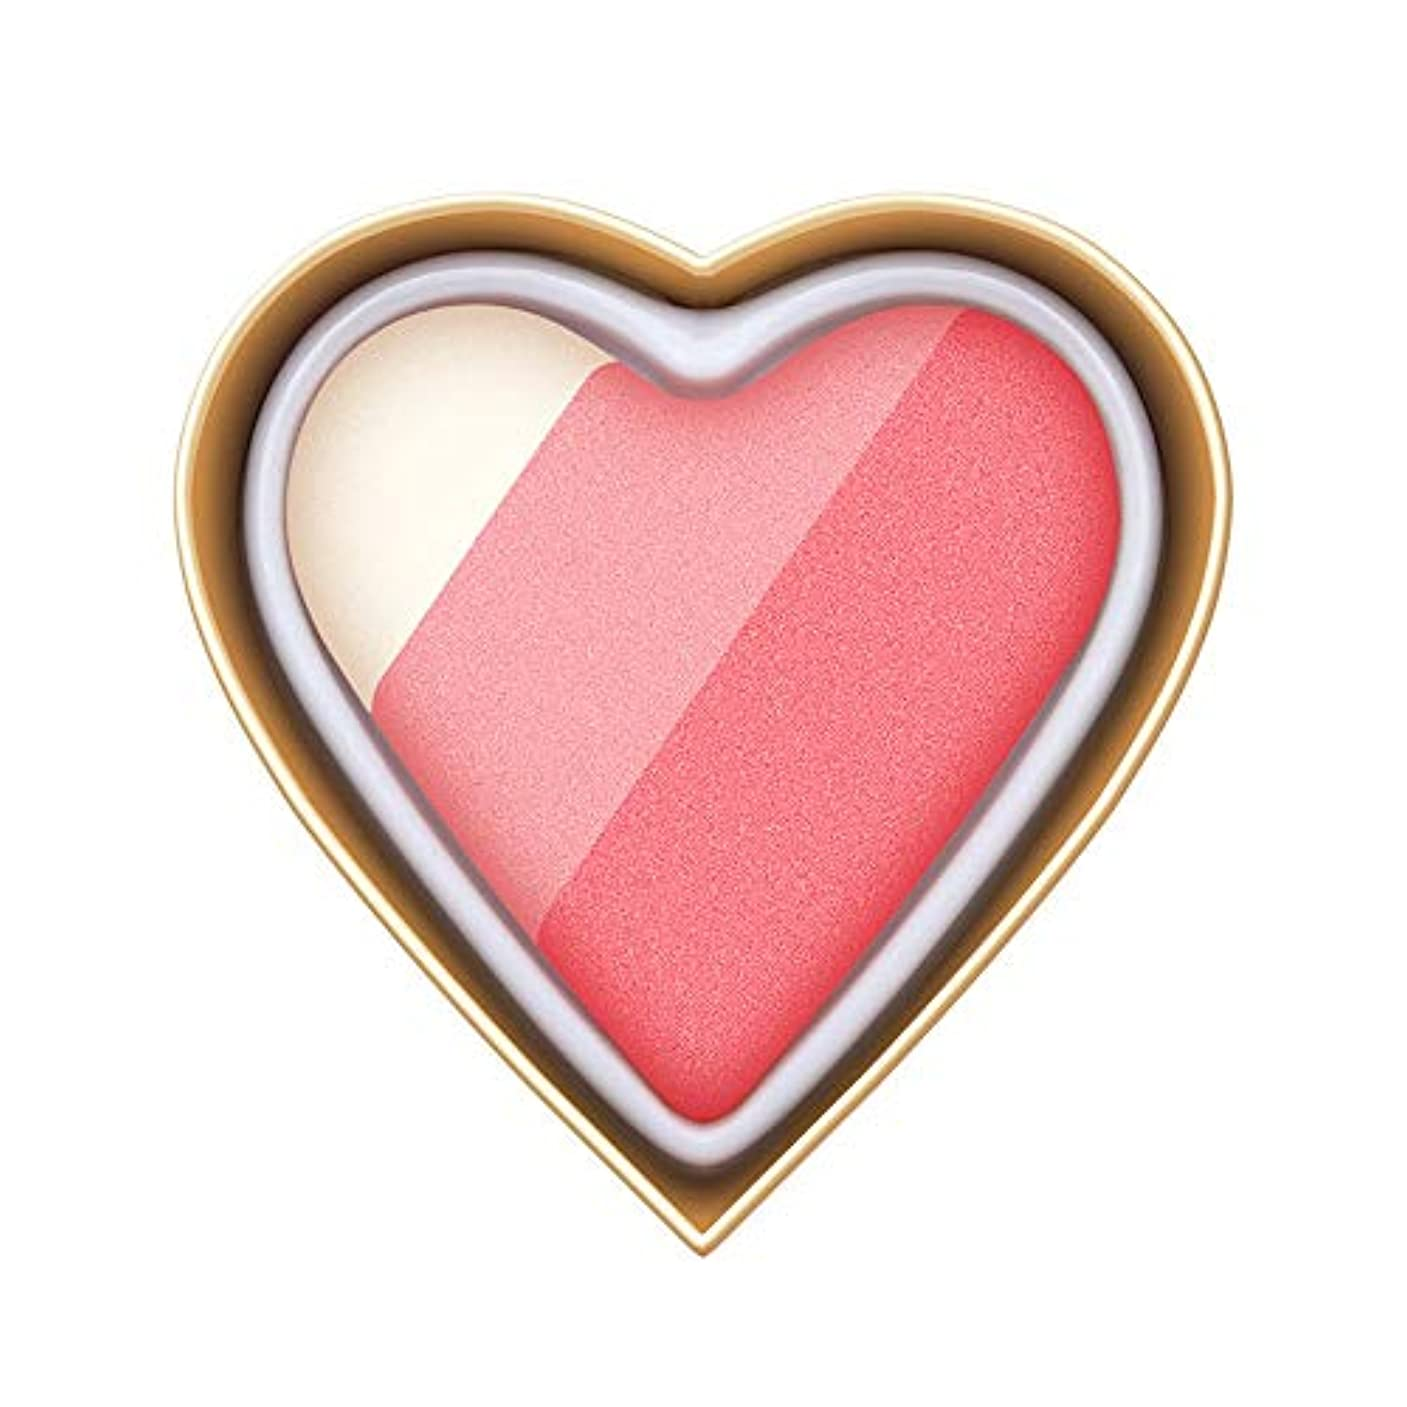 寸前ゆるく代理人Florrita 女性 ハート型 アイシャドー パレット 優しい色 レインボー色 愛の少女系 ハイライトパウダー アイシャドー 発色が素晴らしい アイシャドウパレット シャドー ブラッシュ 携帯便利 プレゼント (D)